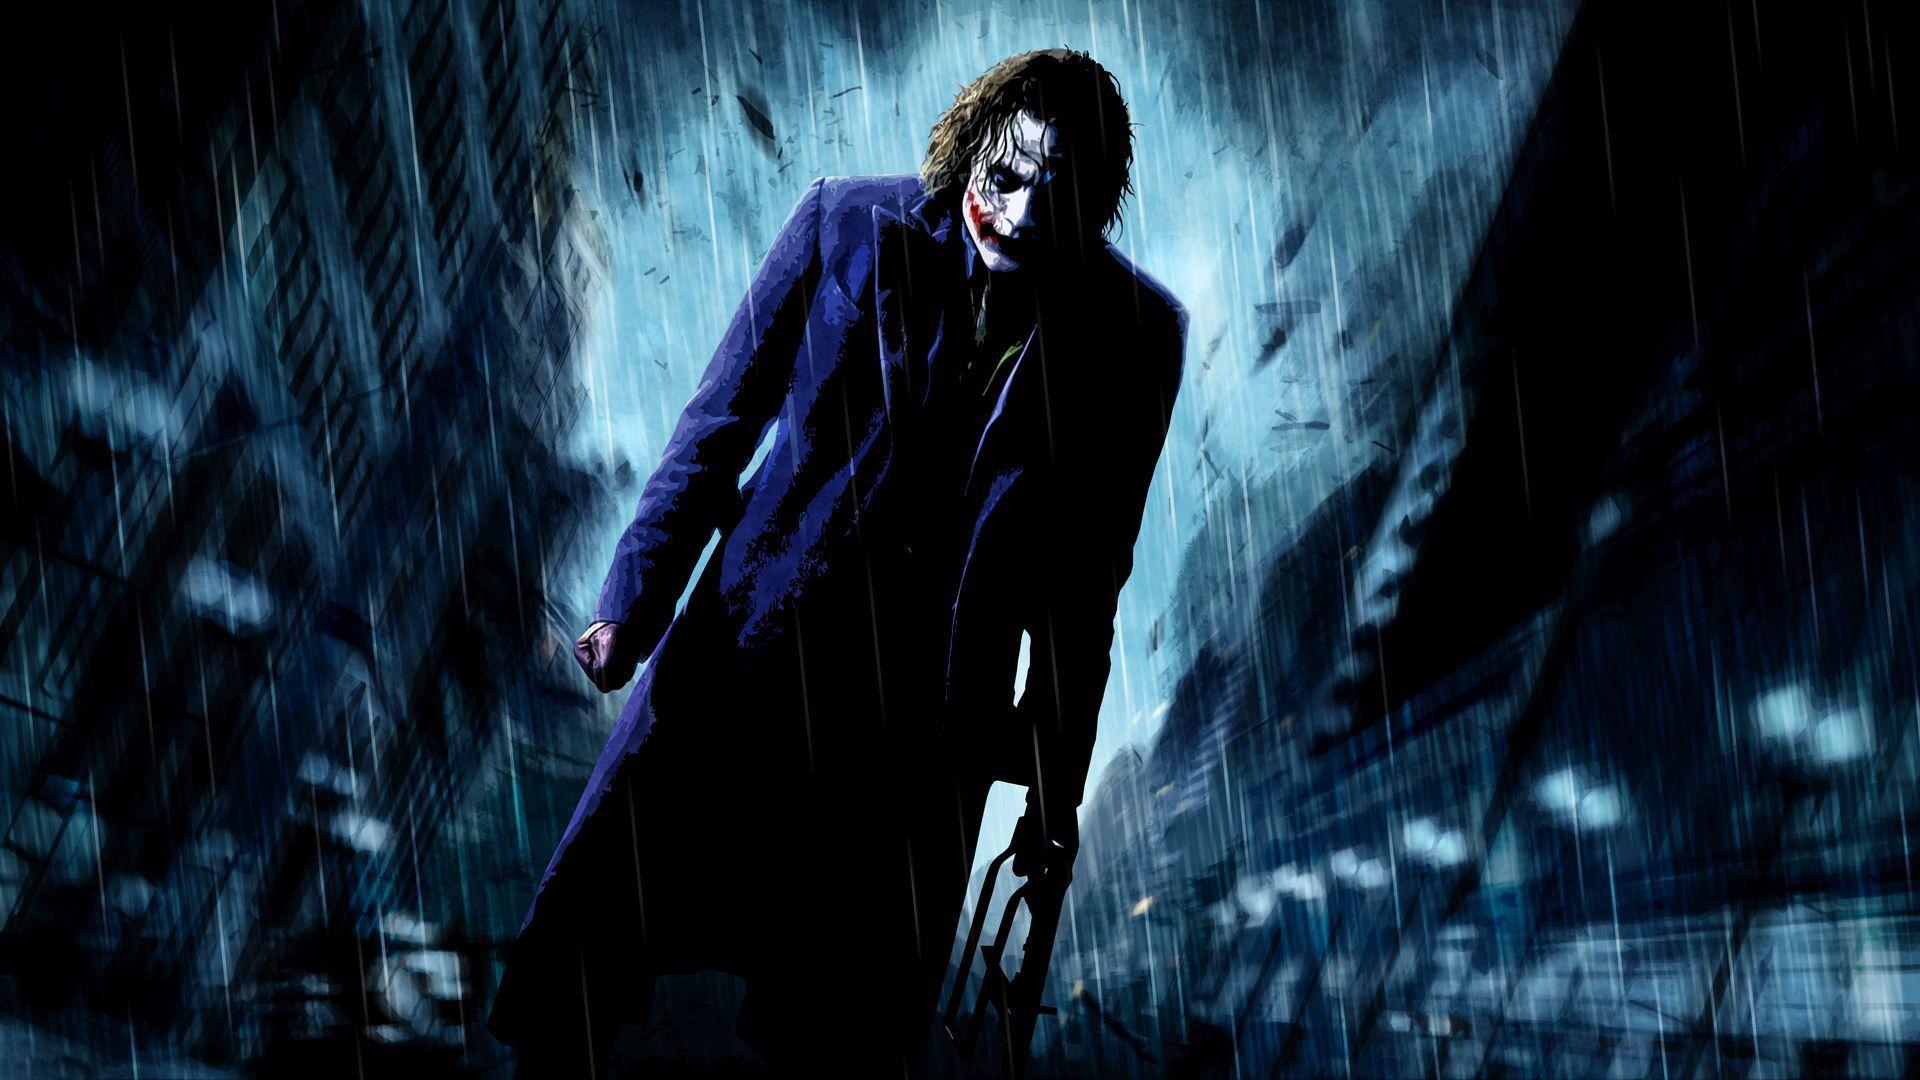 30 Image For Pc Joker